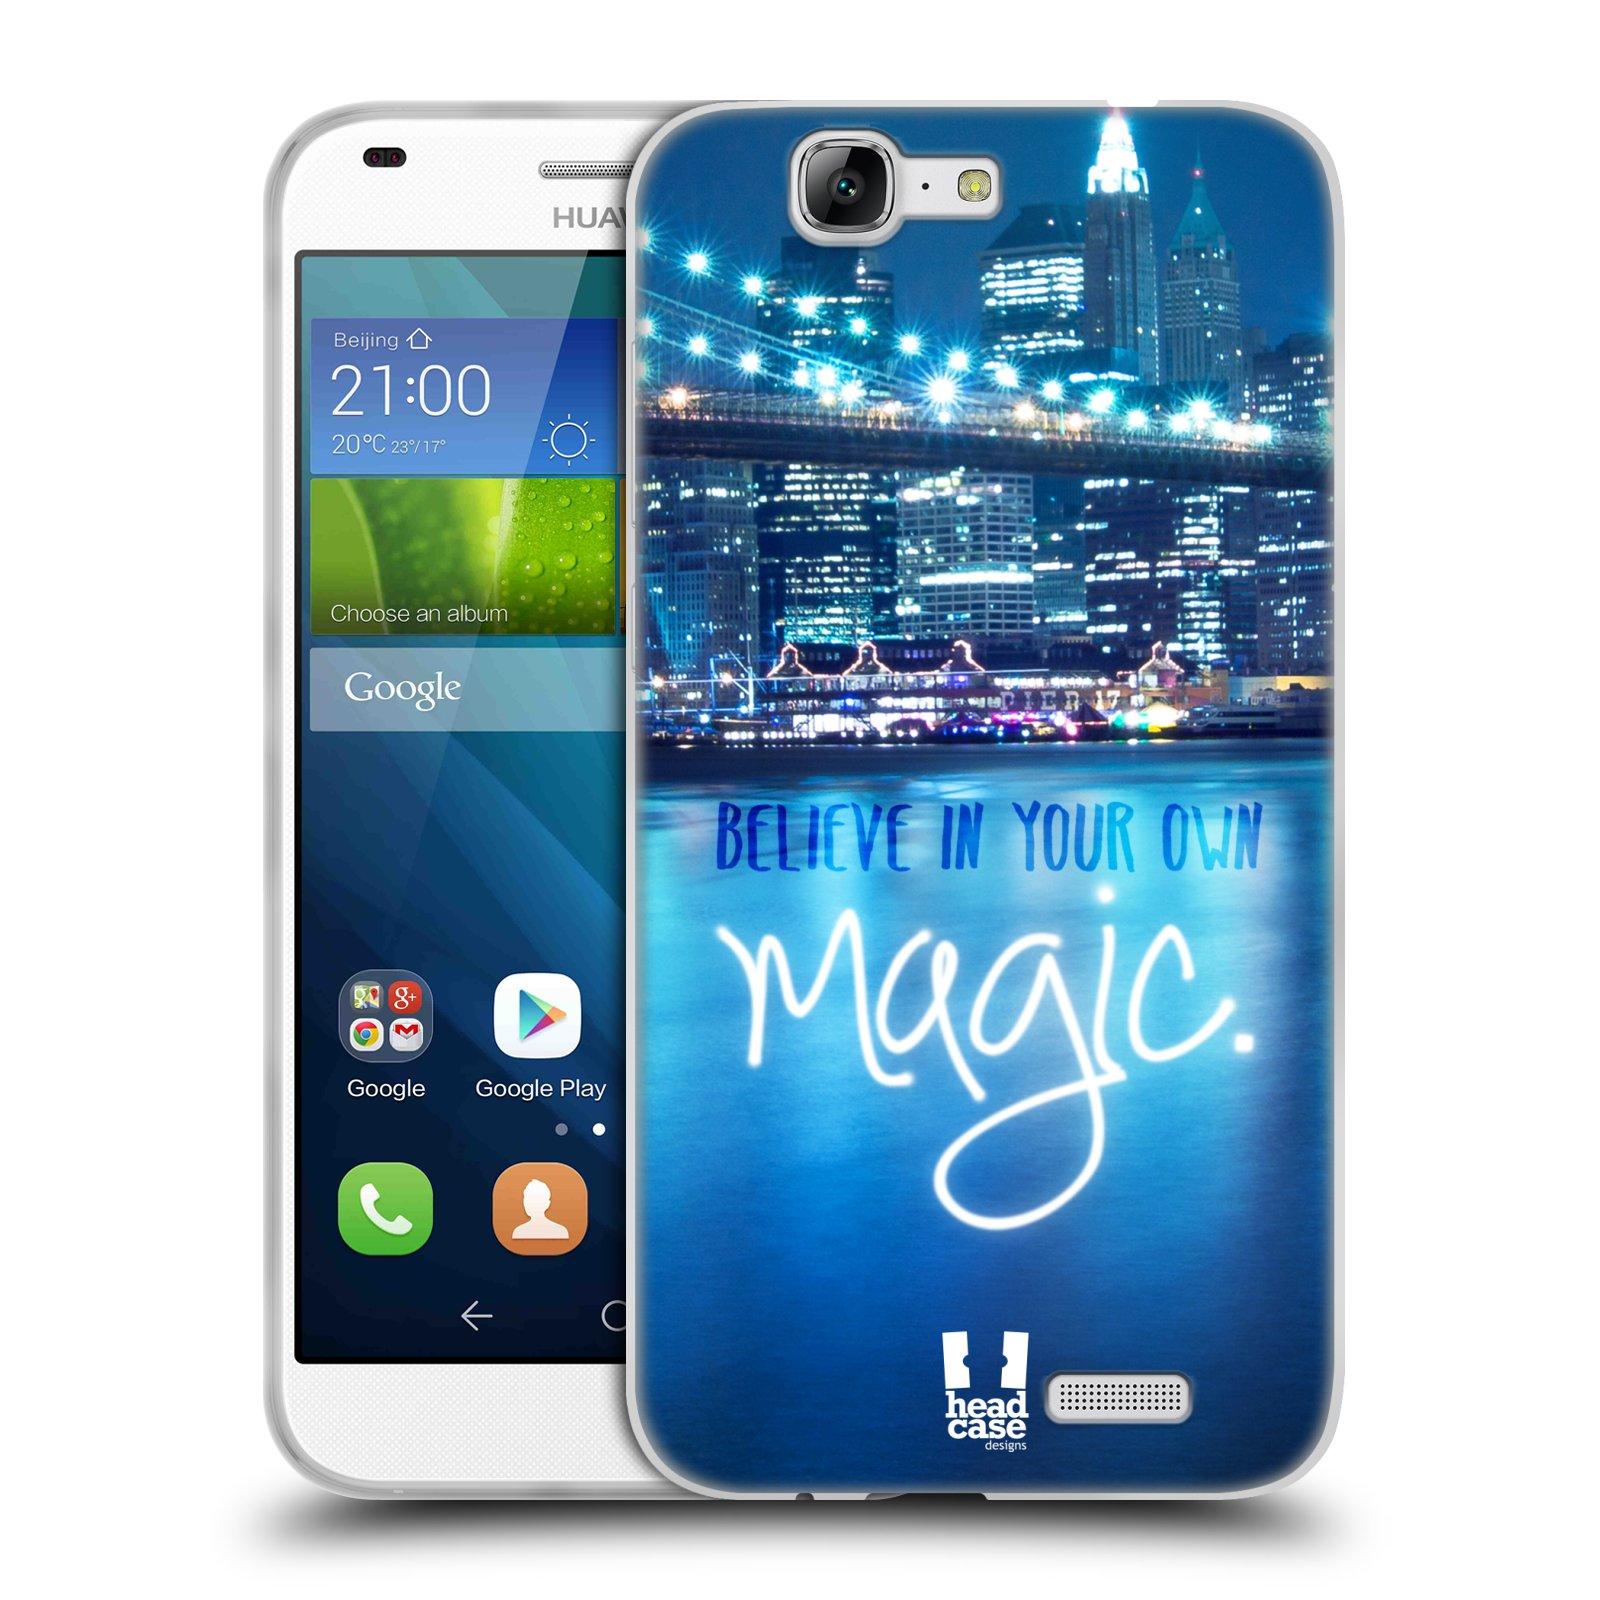 Silikonové pouzdro na mobil Huawei Ascend G7 HEAD CASE MAGICAL (Silikonový kryt či obal na mobilní telefon Huawei Ascend G7)